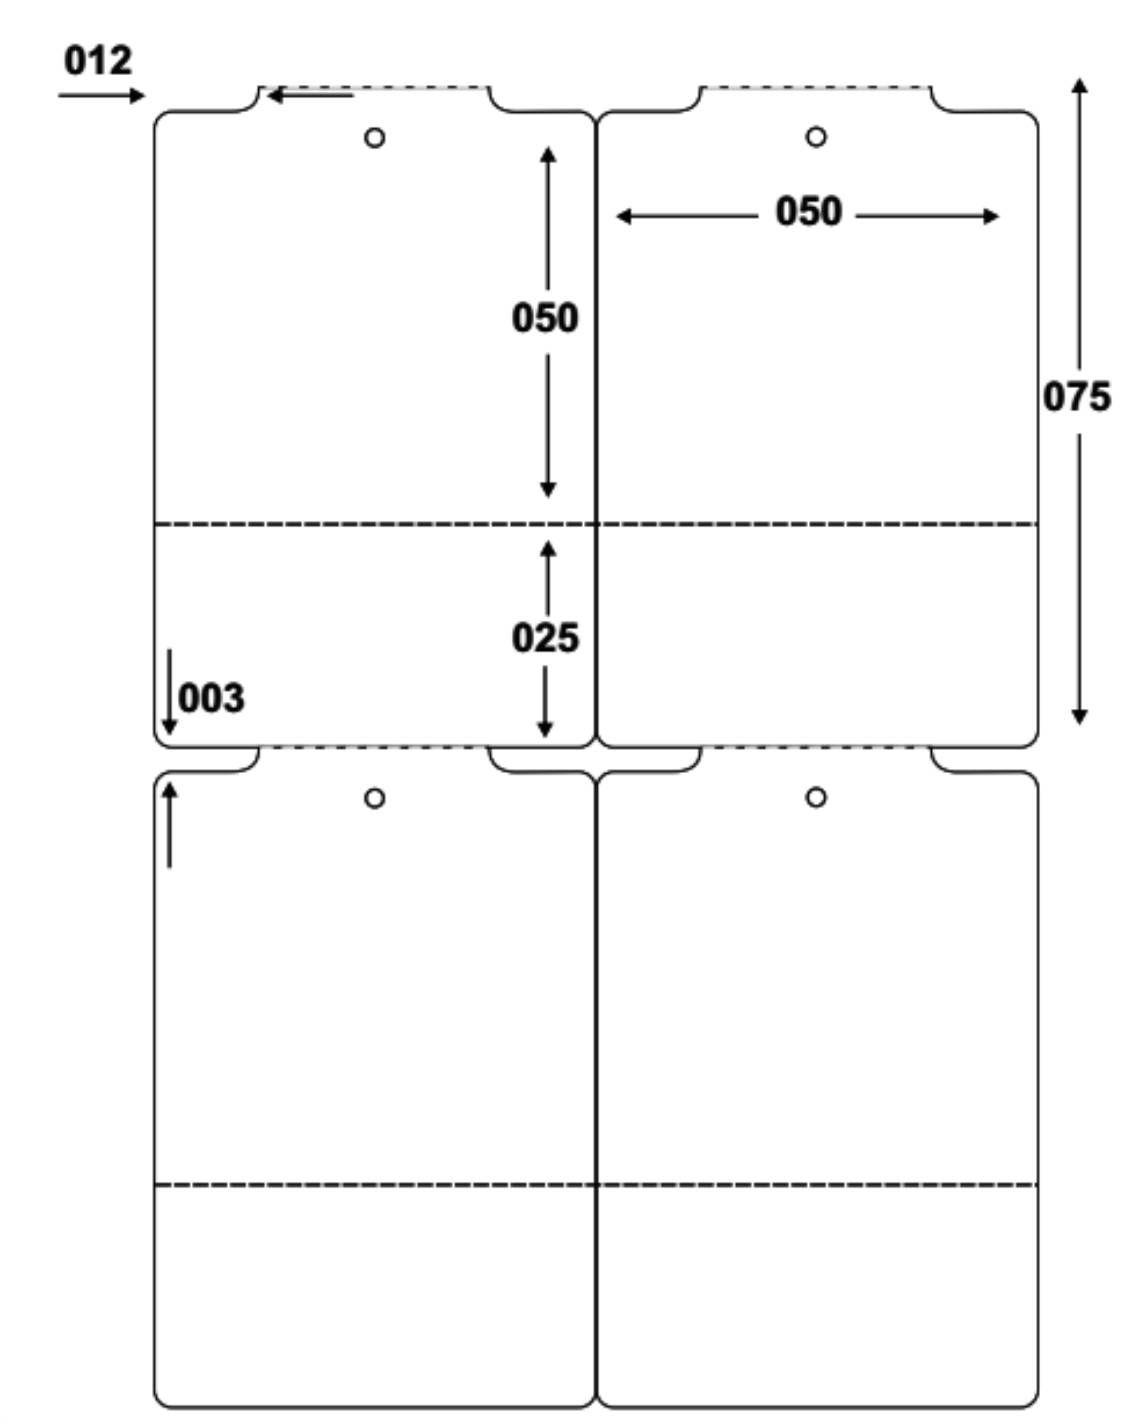 Etiqueta Tag Adesiva Couché 50x75 mm 2 Colunas (4 Rolos c/ 1.100 un. cada)  - Foco Automação Comercial e Informática